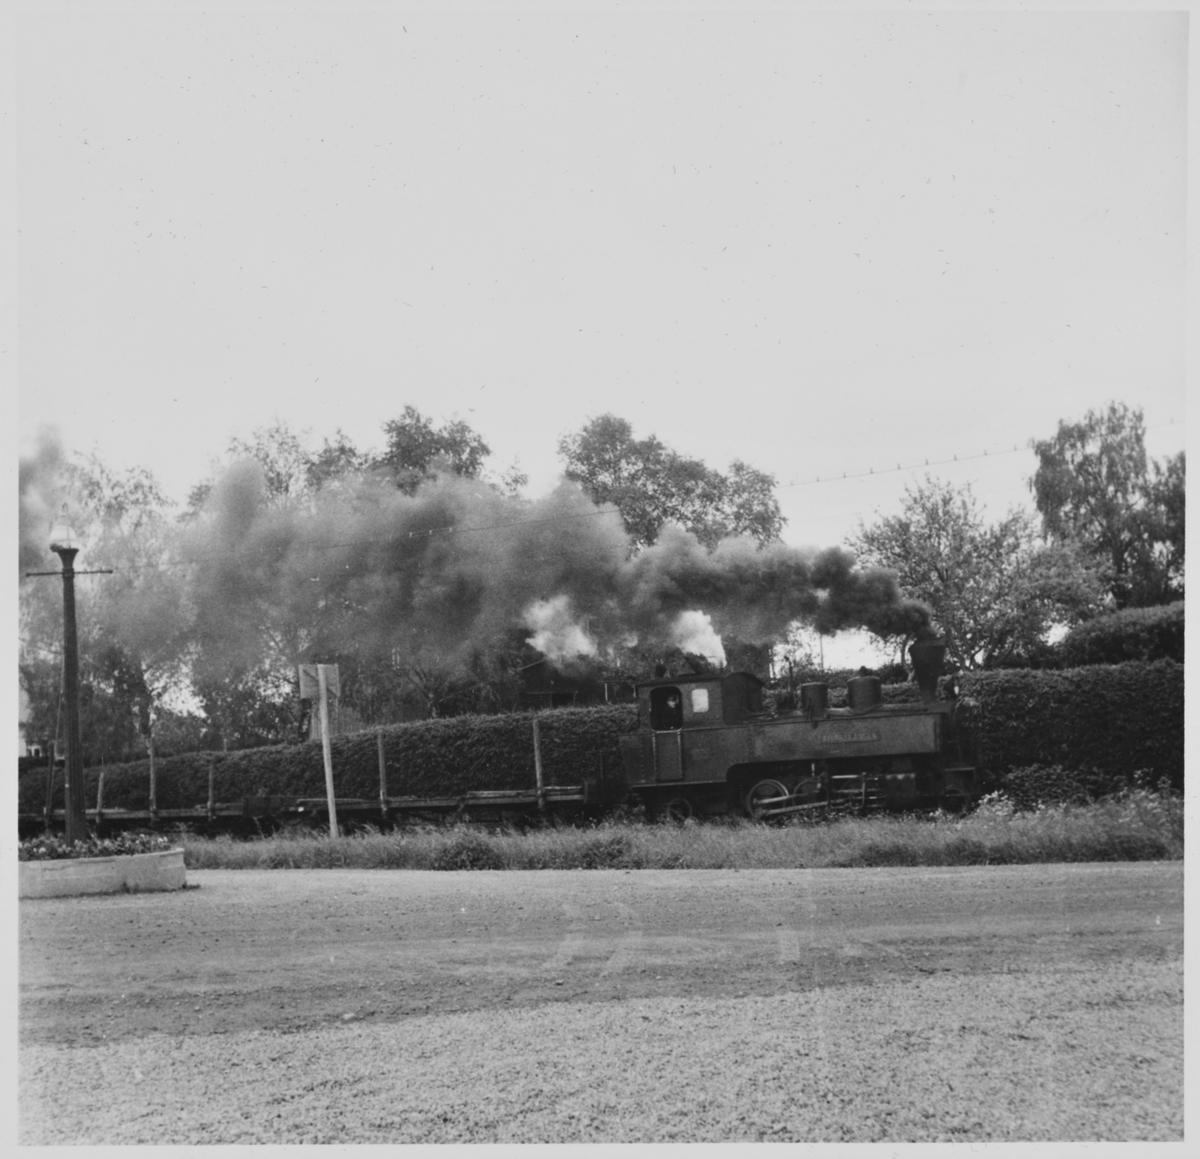 Tog retning Sørumsand trukket av damplokomotiv 5 Bjørkelangen passerer hospitset på Bjørkelangen.